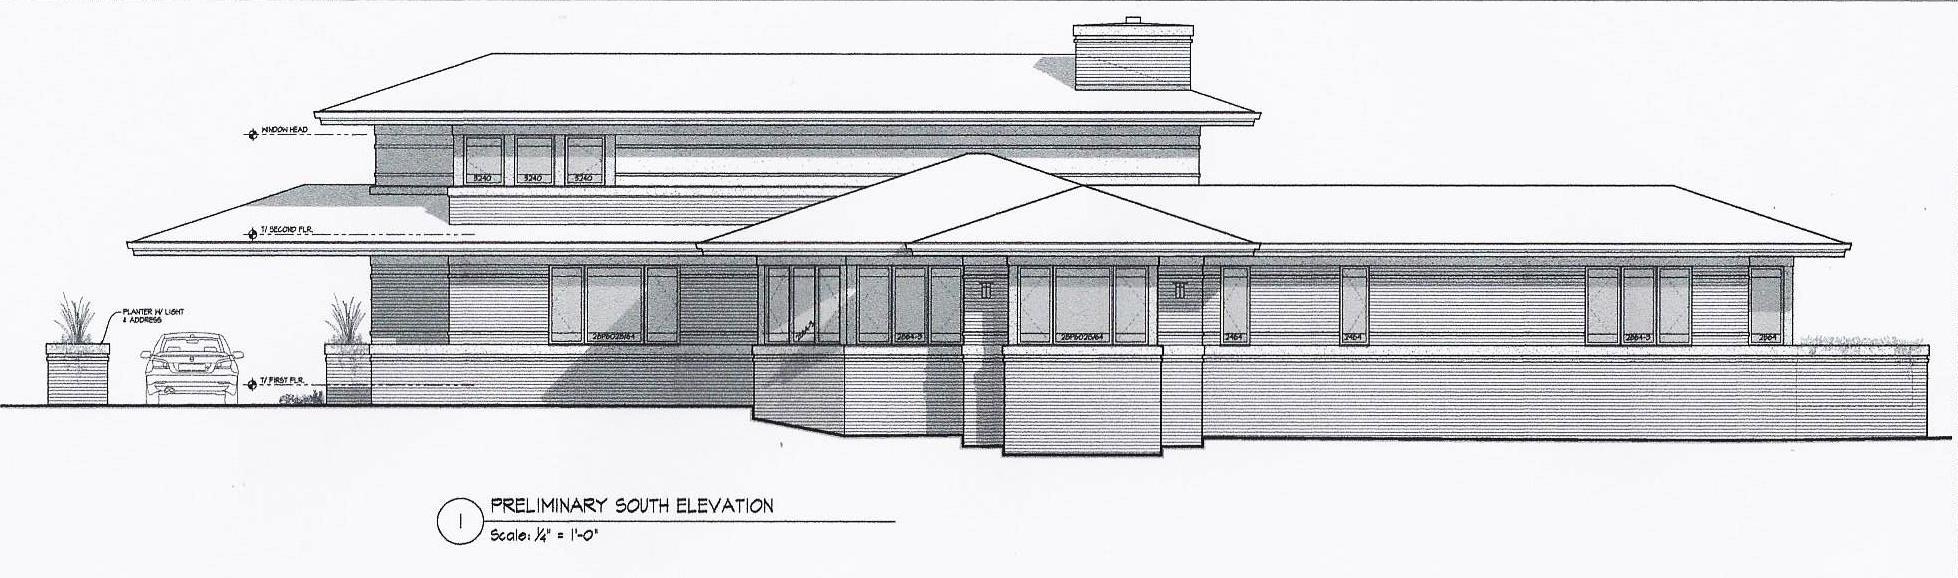 Design Concept for Prairie Home, Creek County, OK | PrairieArchitect